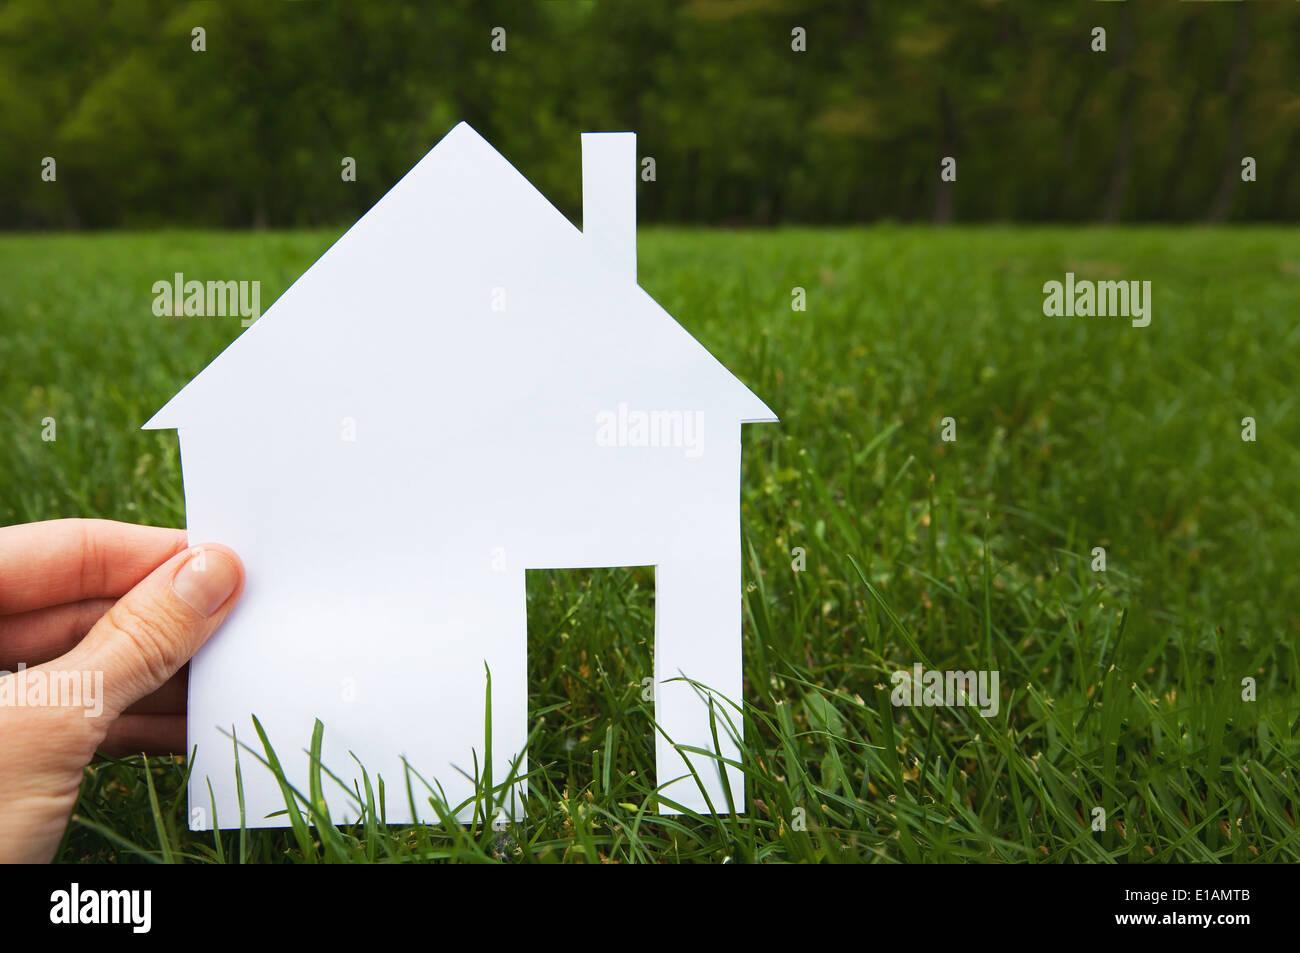 Concepto inmobiliario, mano sosteniendo house Imagen De Stock